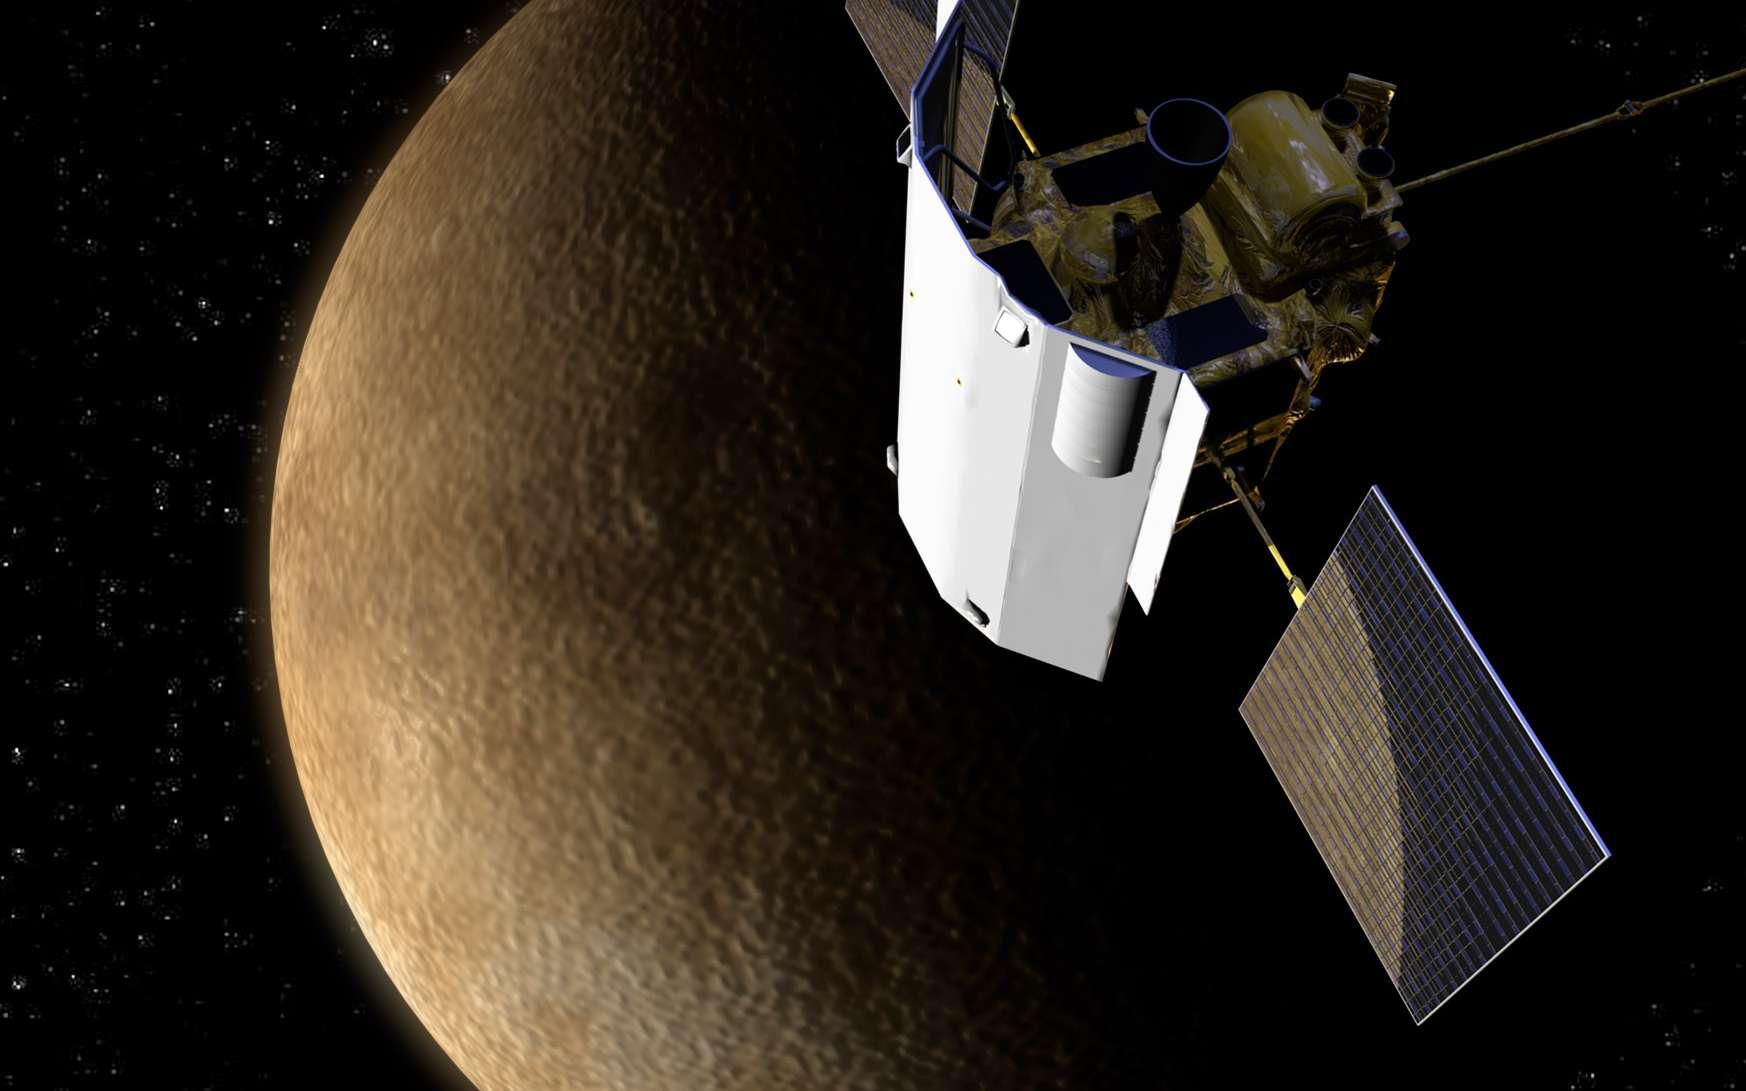 Après un lancement en août 2004, Messenger a survolé la Terre et Vénus deux fois de façon à fournir à la sonde l'incrément de vitesse lui permettant d'atteindre l'orbite de Mercure en janvier 2008. Pour freiner et insérer la sonde en orbite, la Nasa a planifié trois survols de Mercure, ce qui doit permettre la mise en orbite de Messenger le 17 mars 2011. © Nasa/Johns Hopkins University Applied Physics Laboratory / Carnegie Institution of Washington